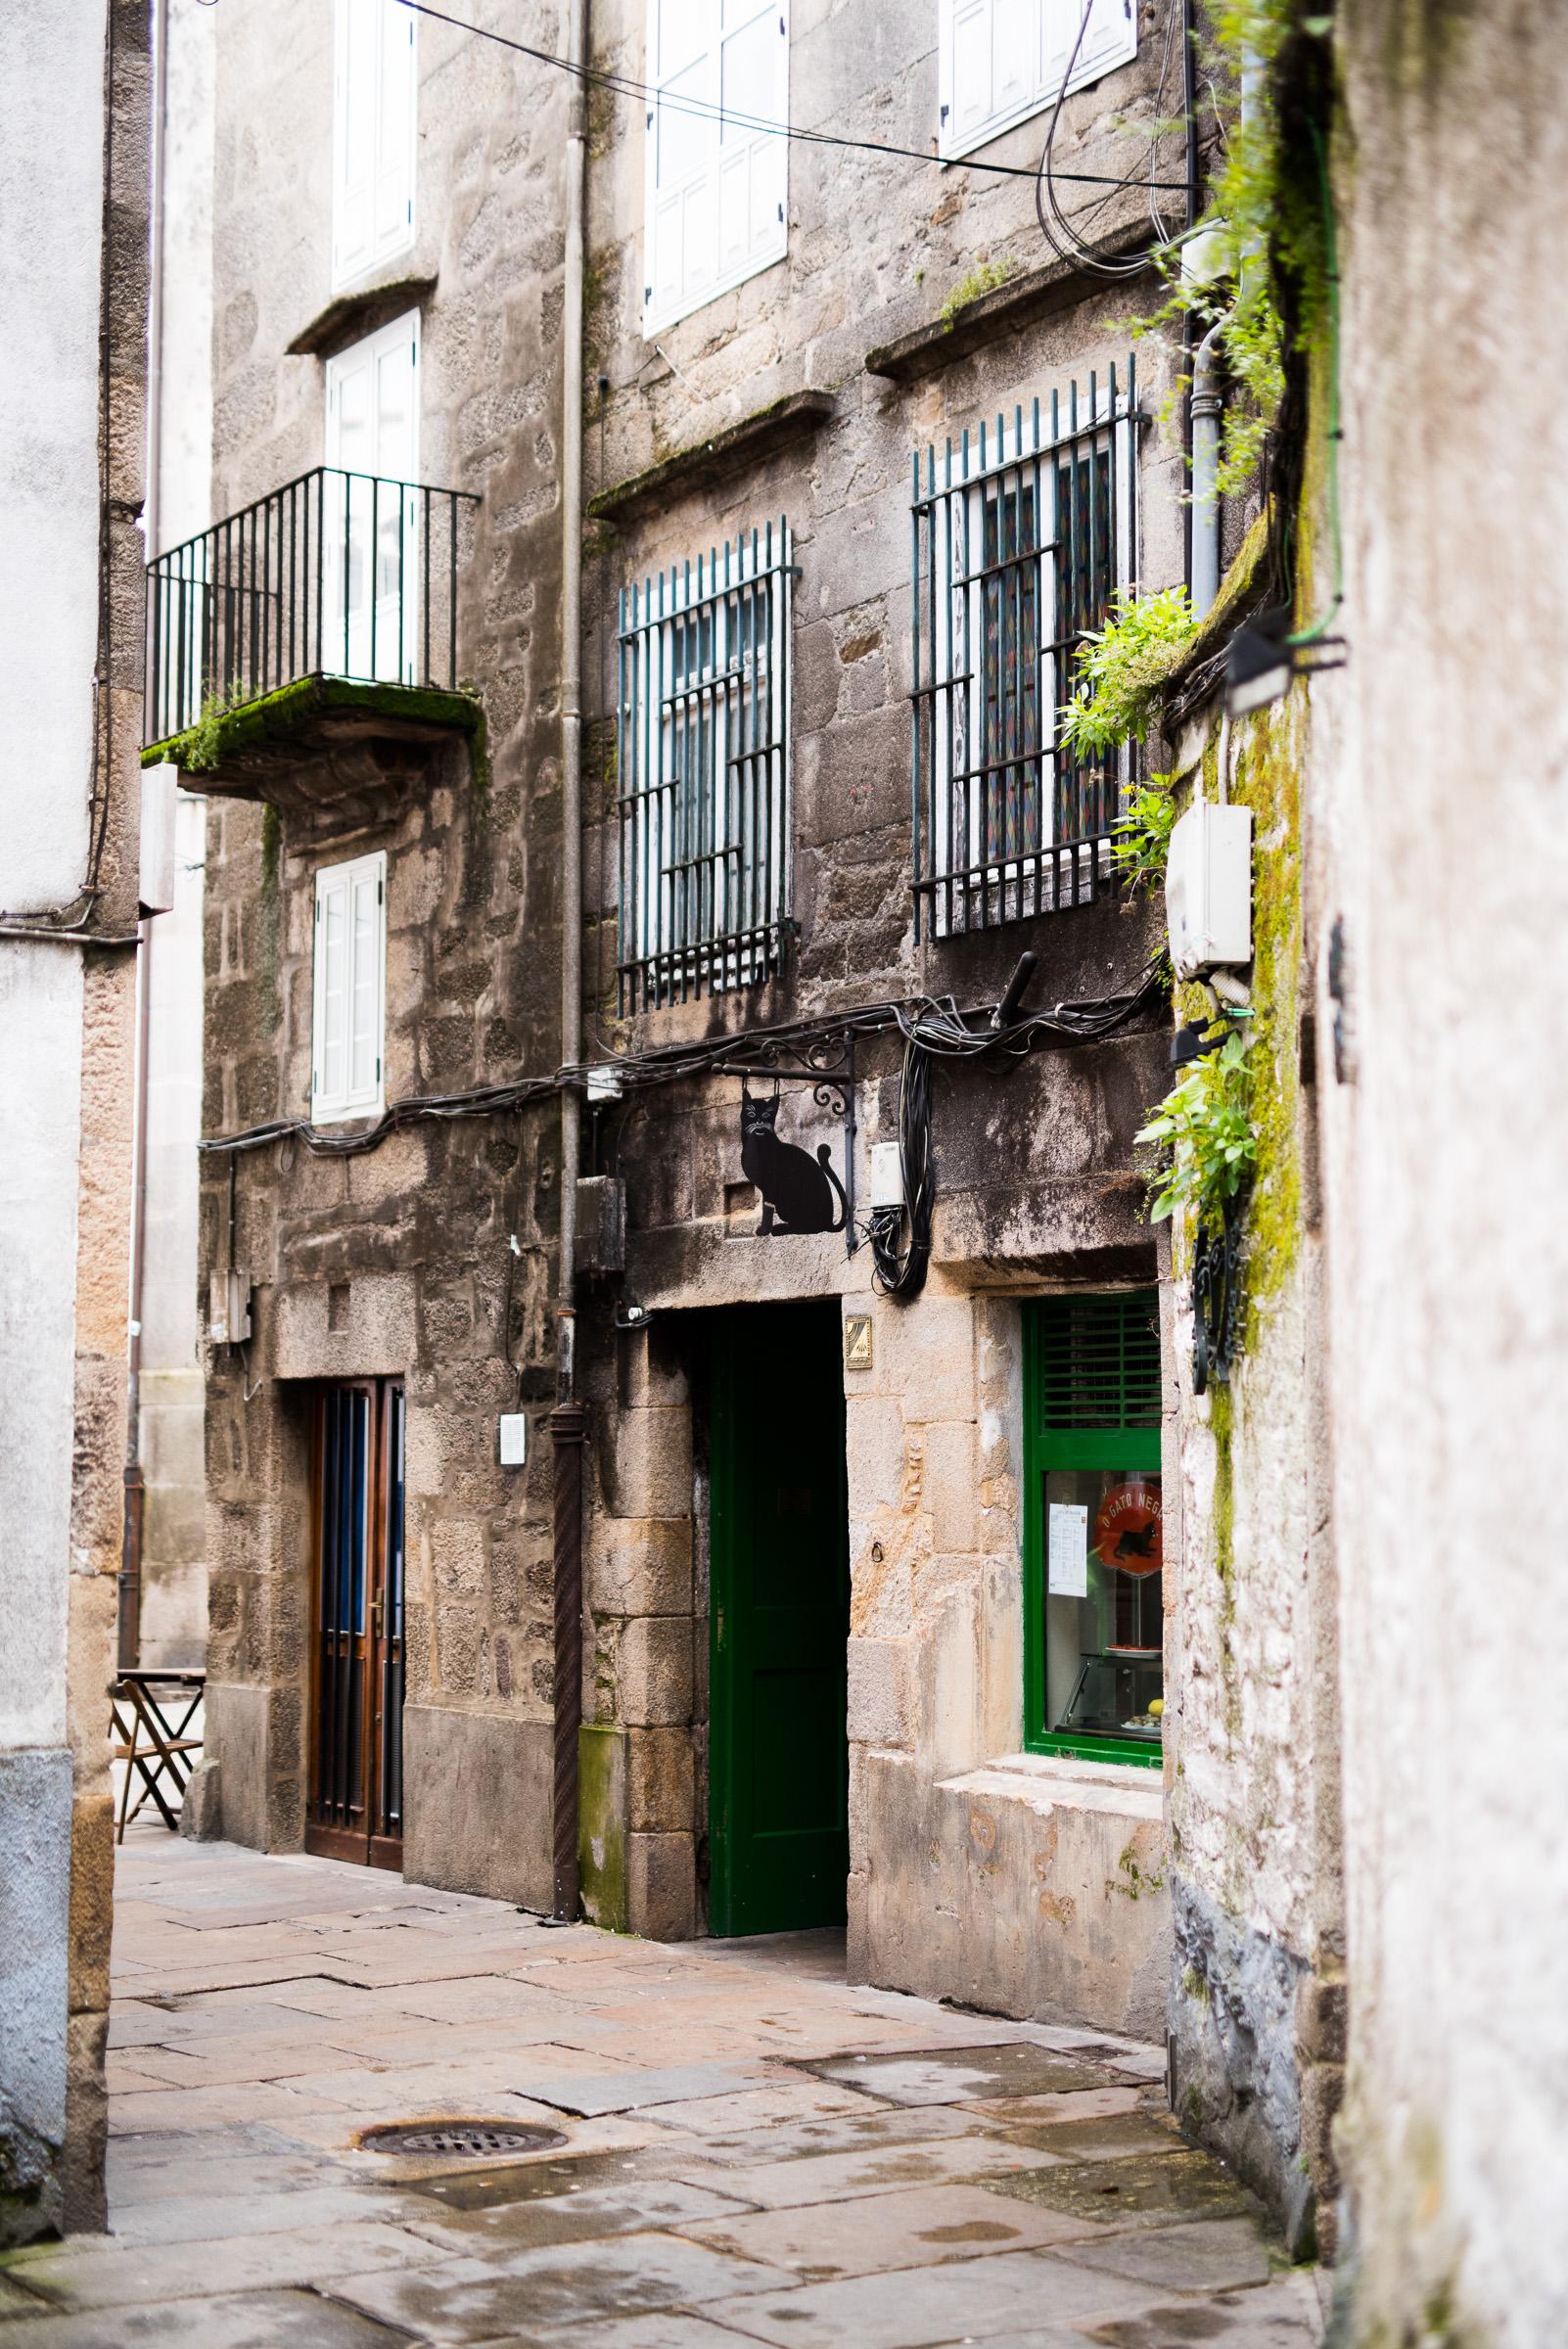 travel-santiago-de-compostel-lufthansa-city-of-the-months